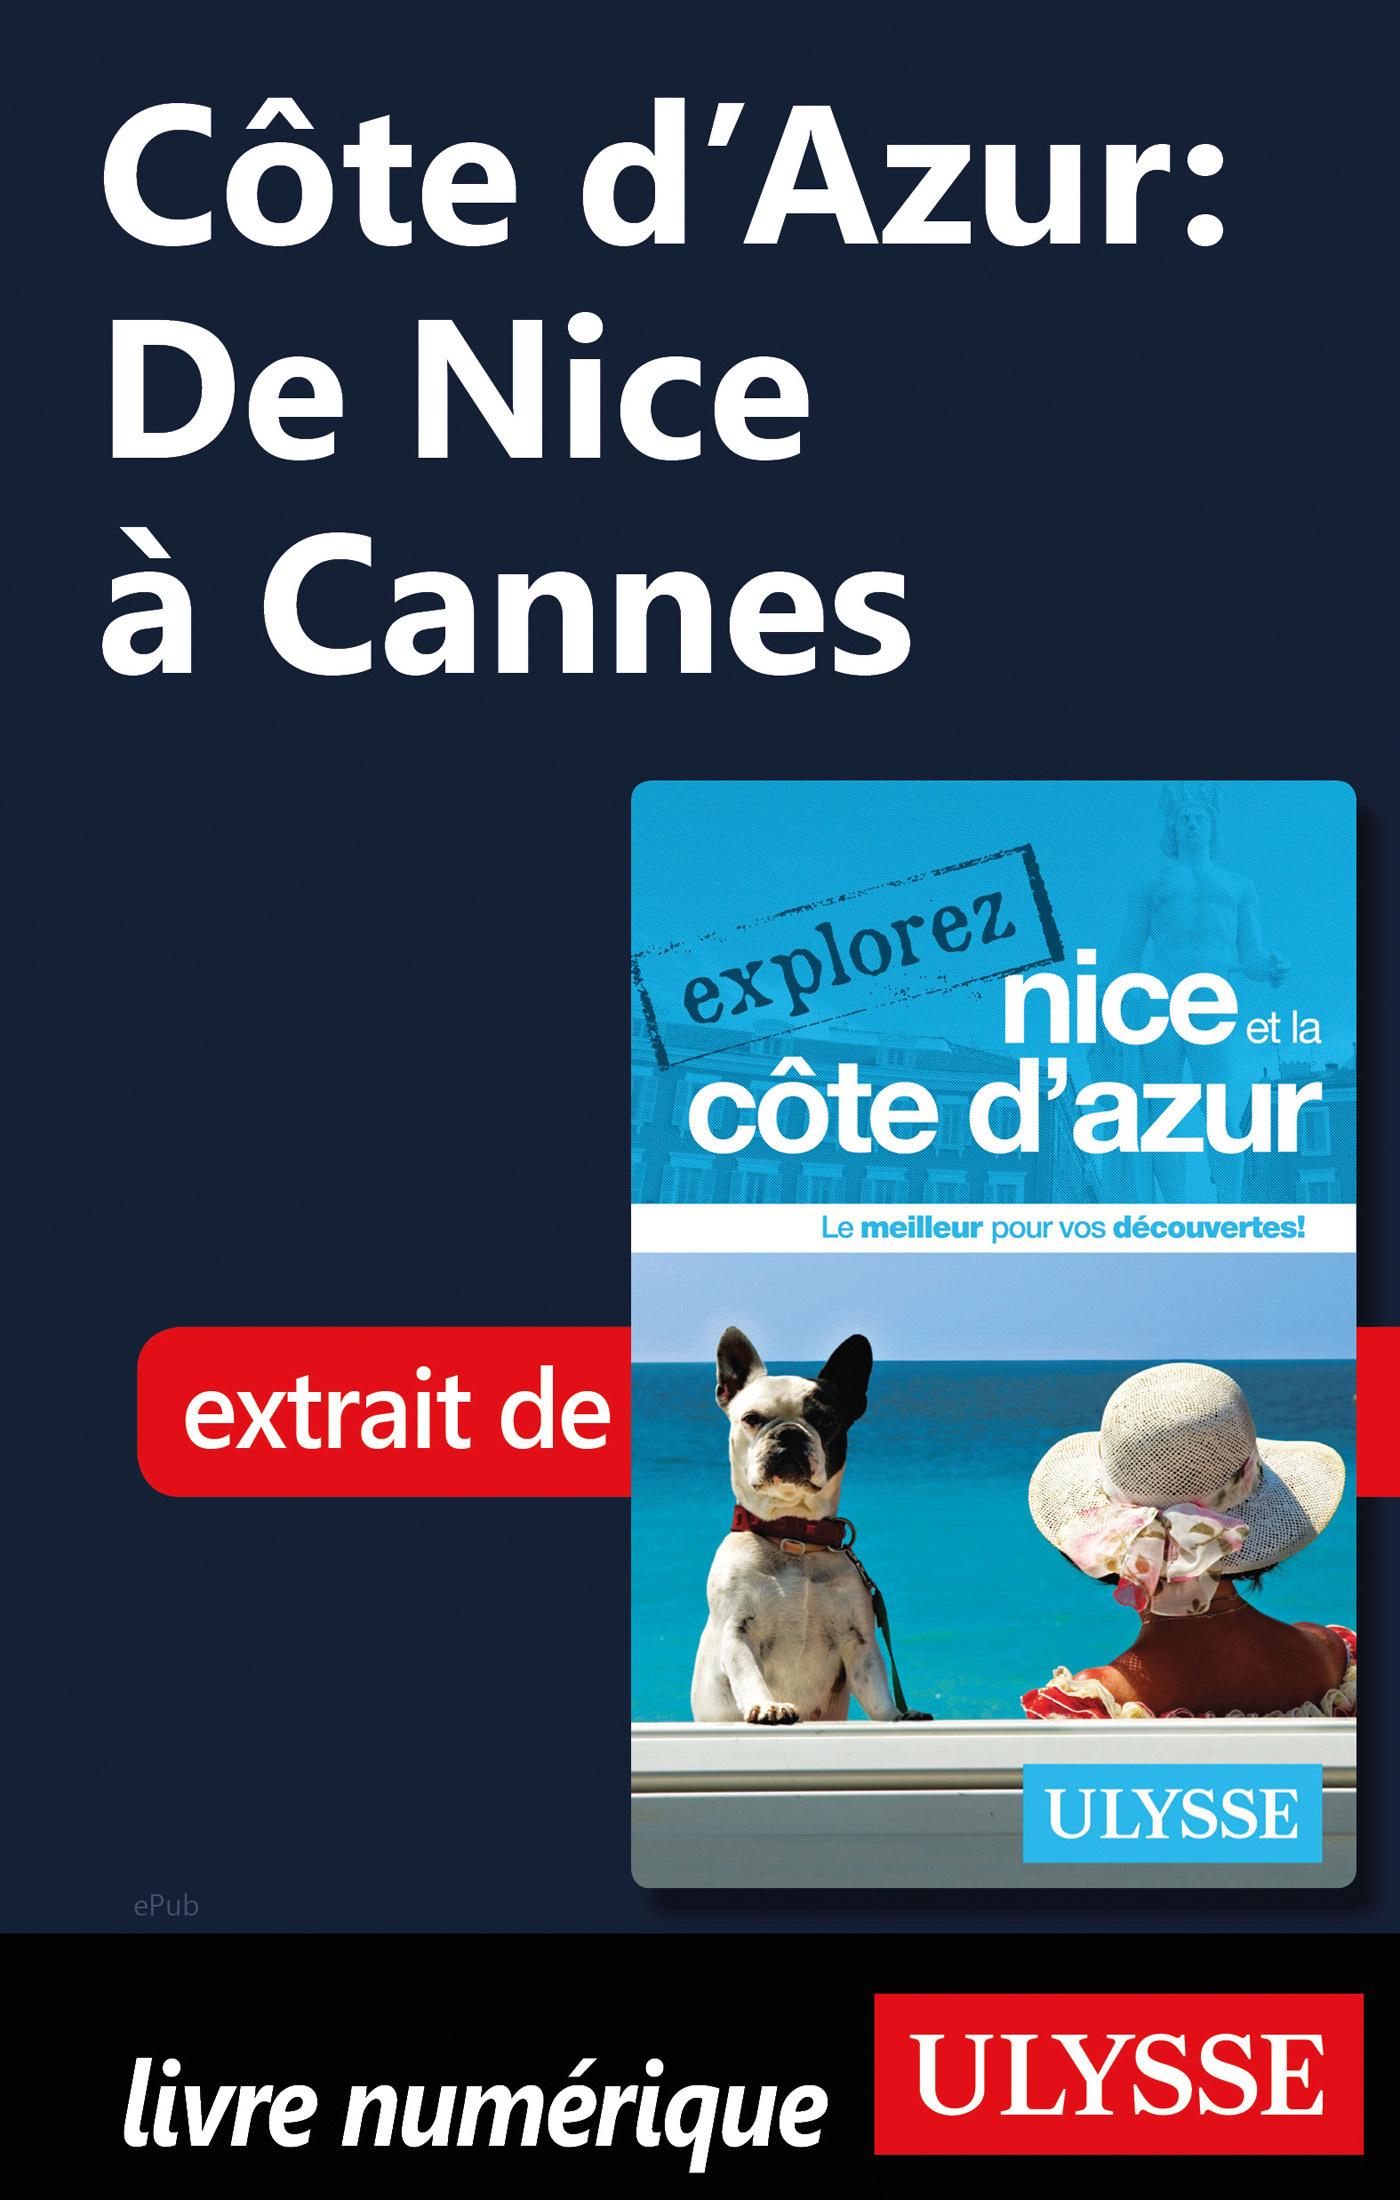 Côte d'Azur : De Nice à Cannes